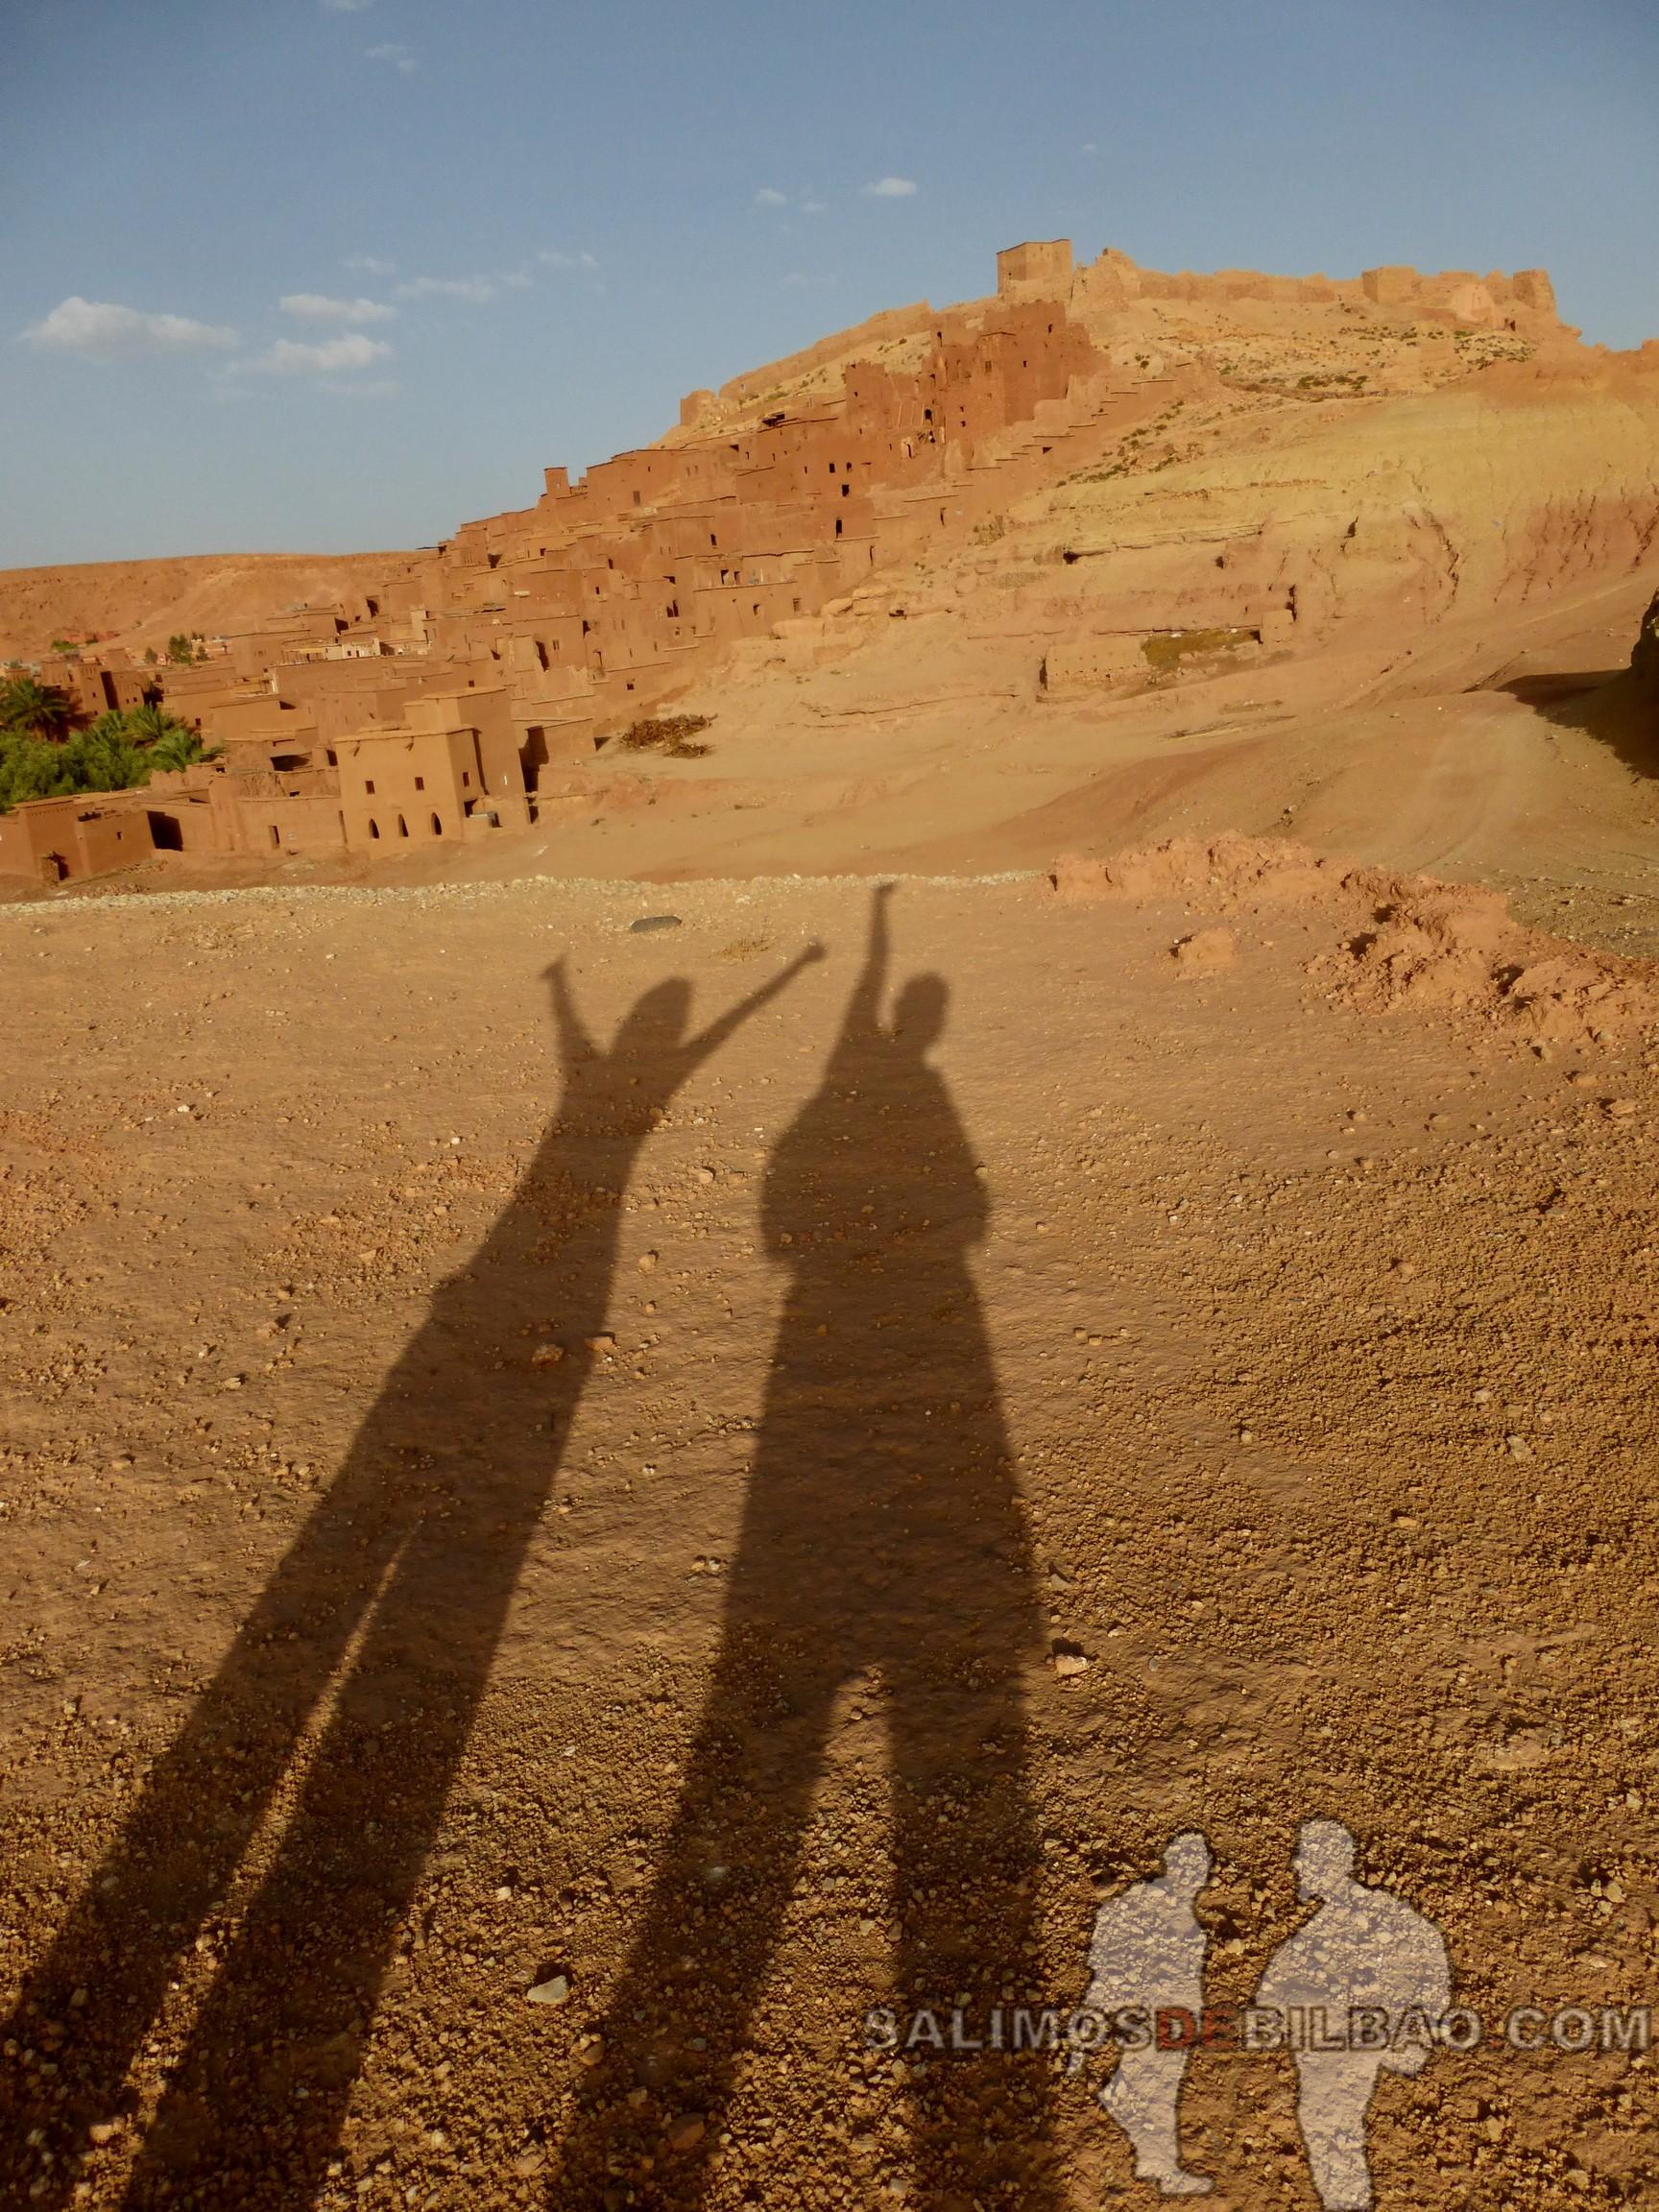 606. Katz y Saioa en sombras, Rodeando el Kasbah Ait Ben Haddou